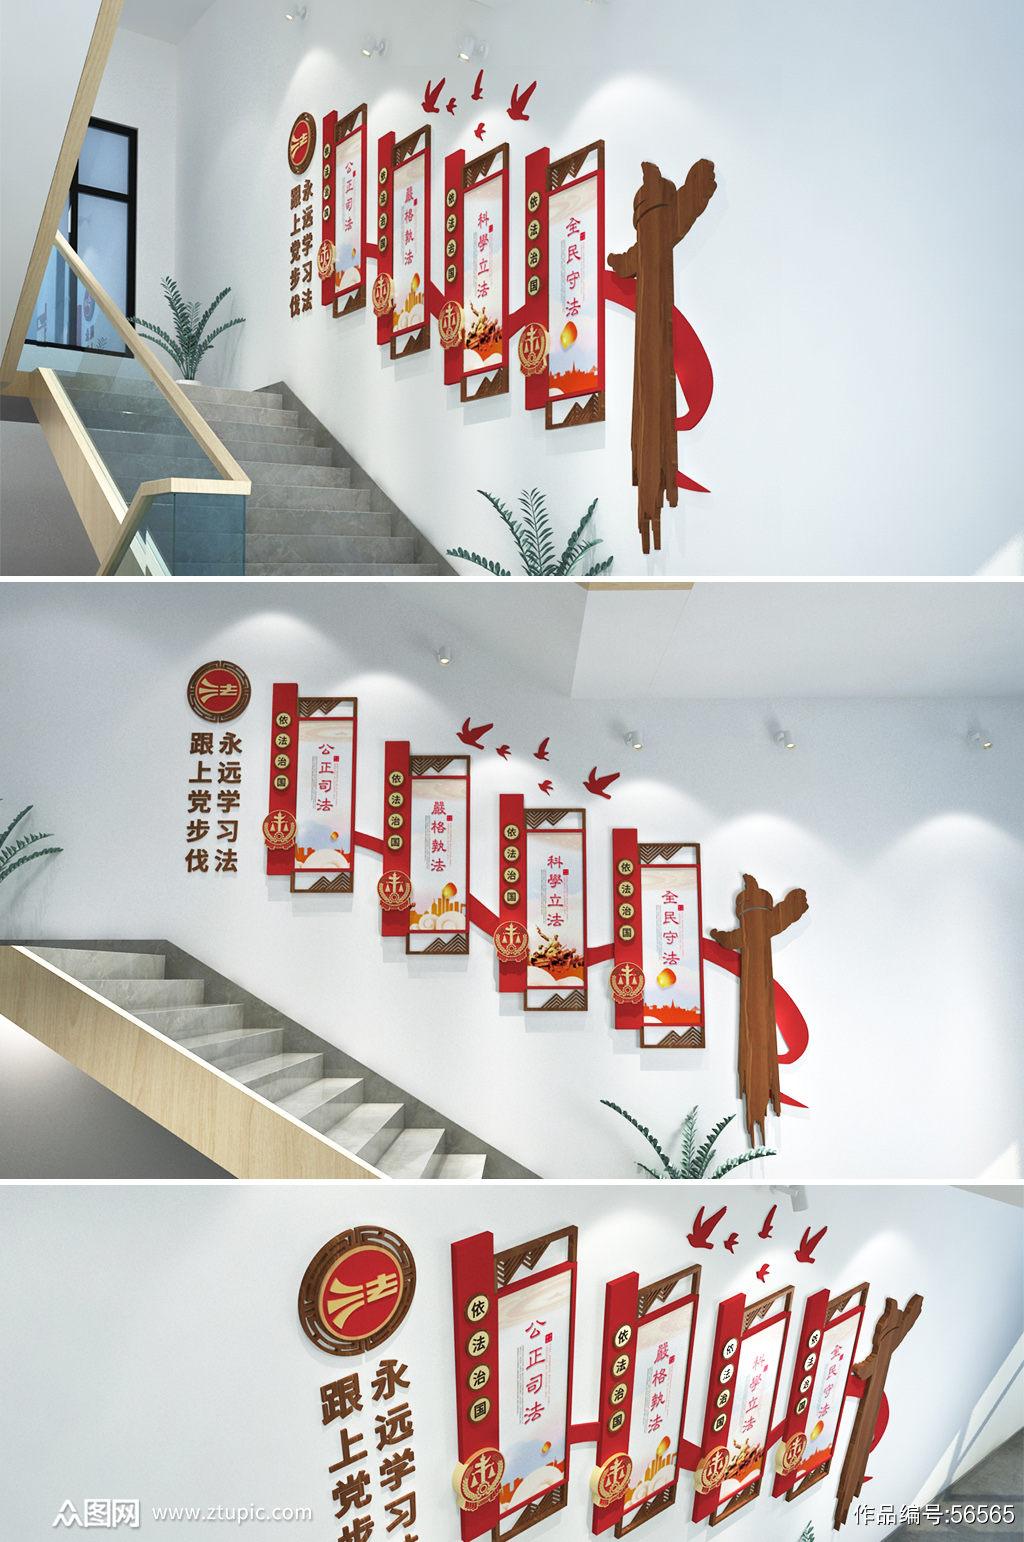 全民守法法治楼梯文化墙素材